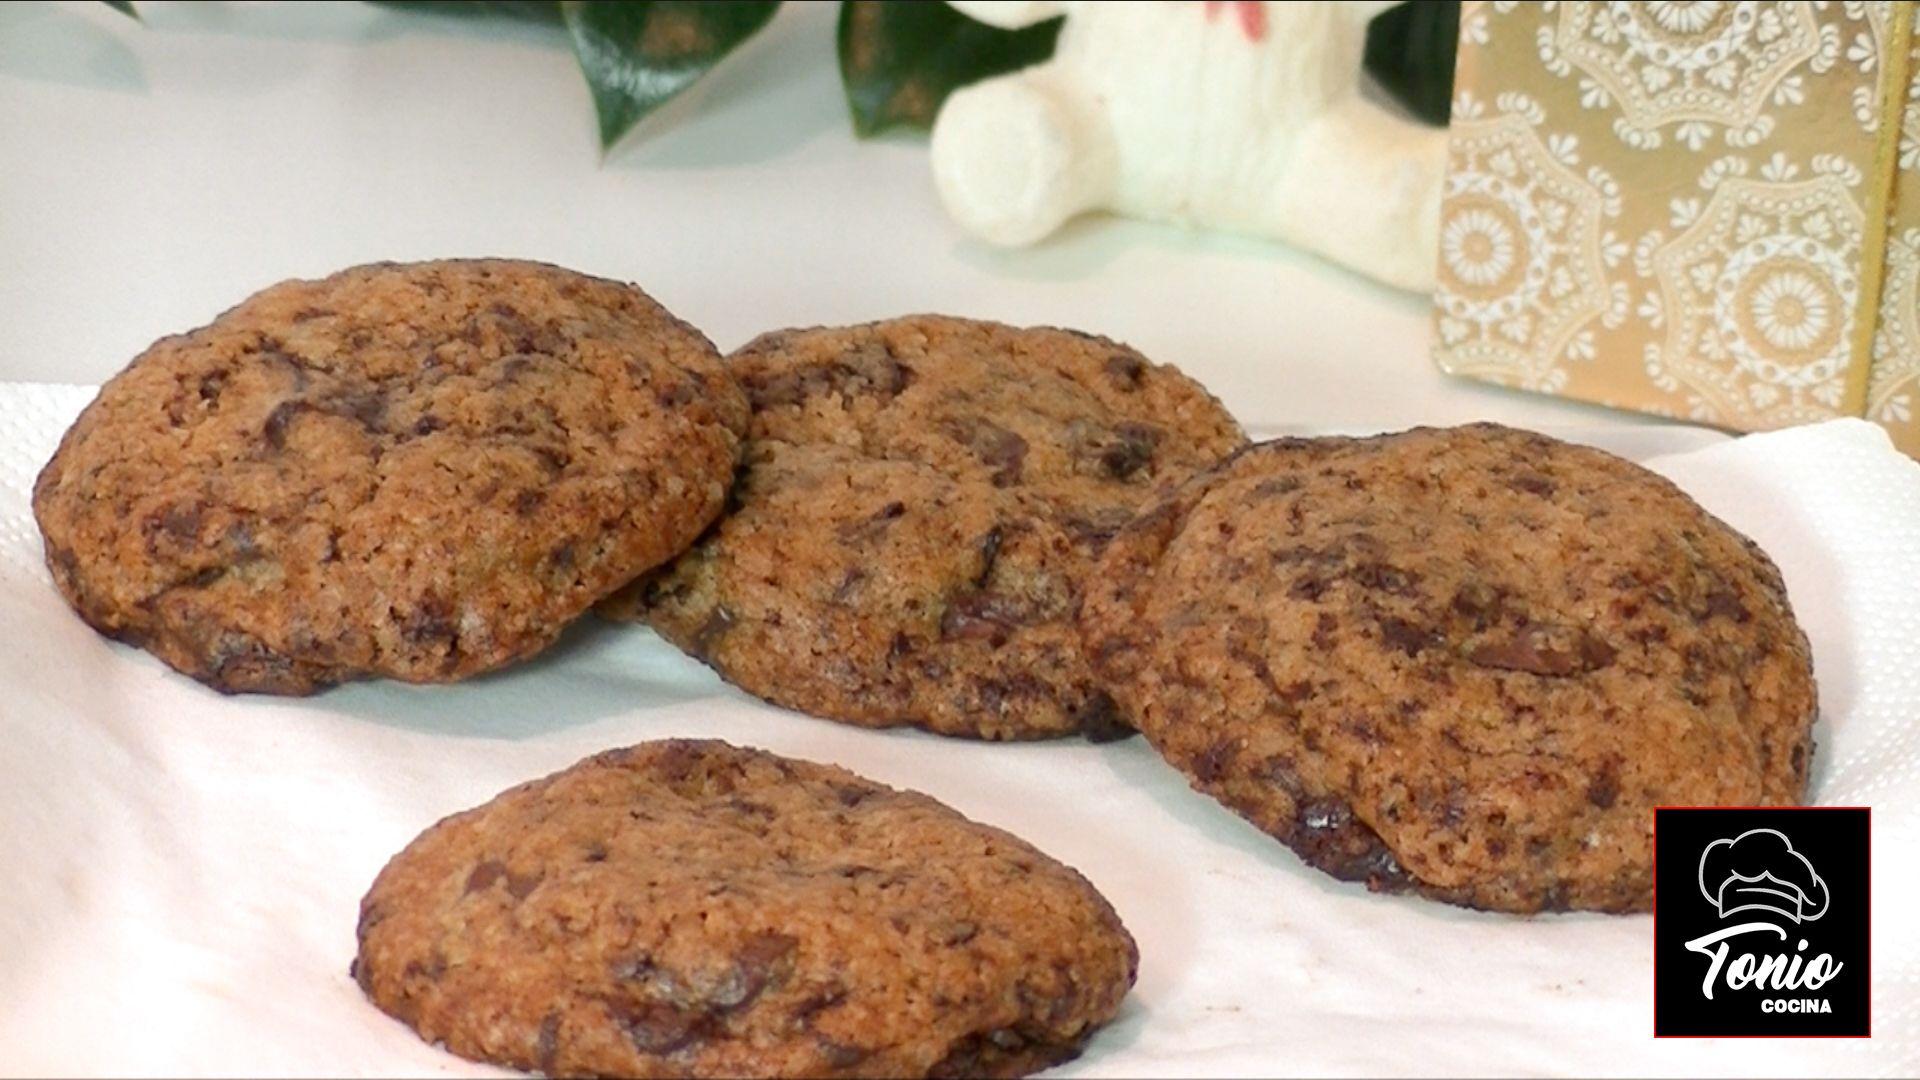 Galletas con chocolate, Cookies, receta original